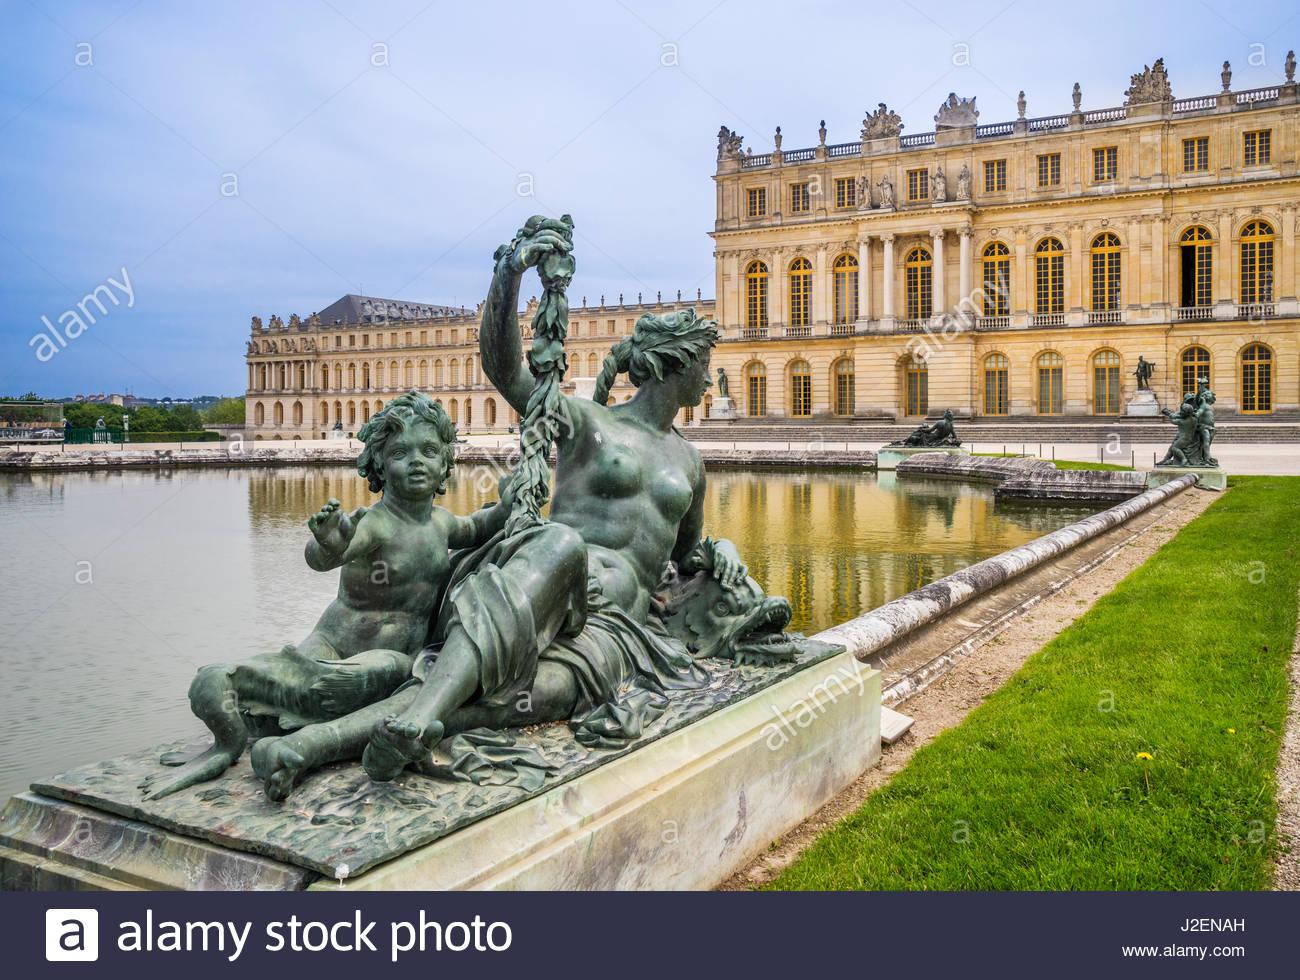 france ile de france palace of versailles parterre deau garden facade J2ENAH